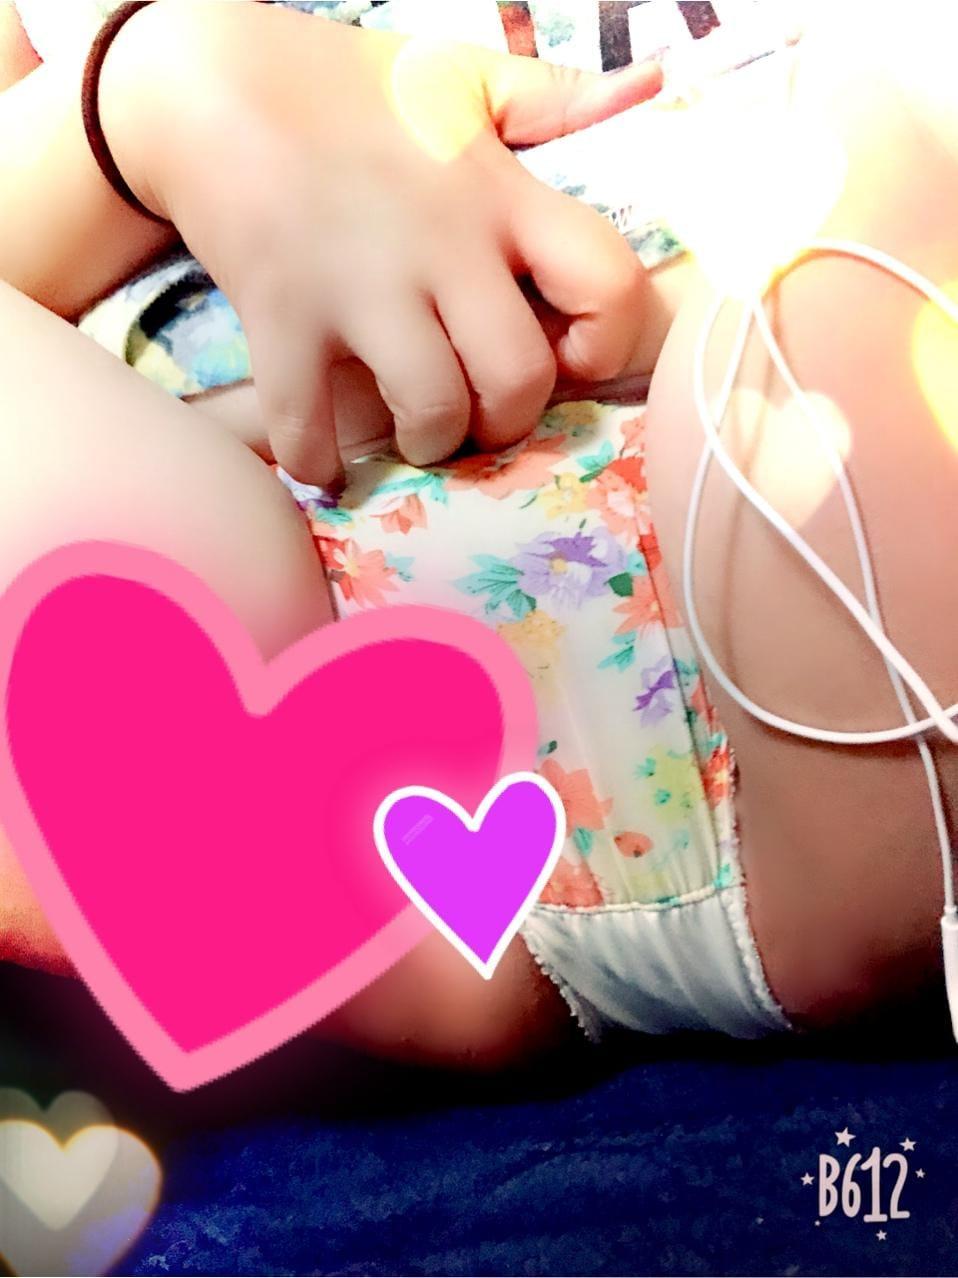 「背中がまっかっか」08/17(08/17) 23:56 | ぴのちゃんの写メ・風俗動画